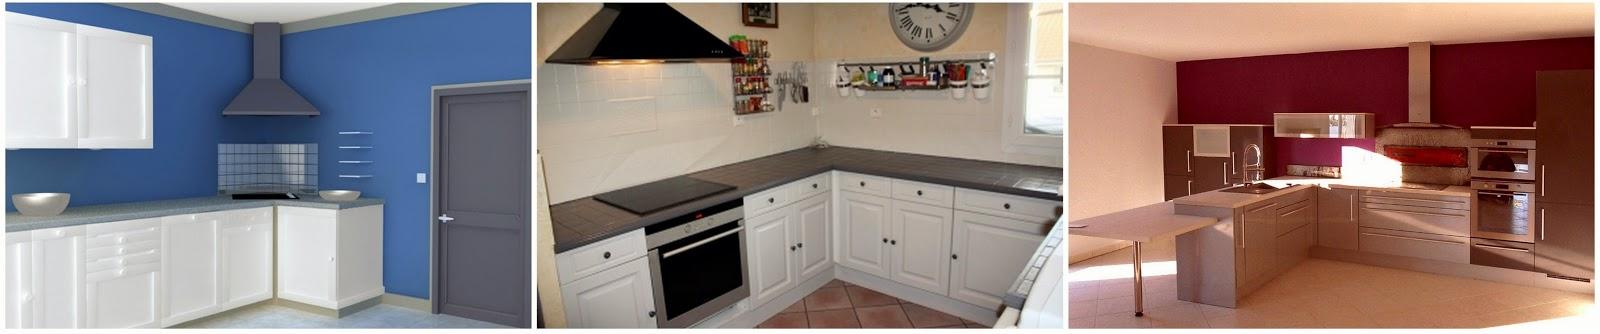 cout peintre en batiment cuisine paris peintre professionnel cesu. Black Bedroom Furniture Sets. Home Design Ideas